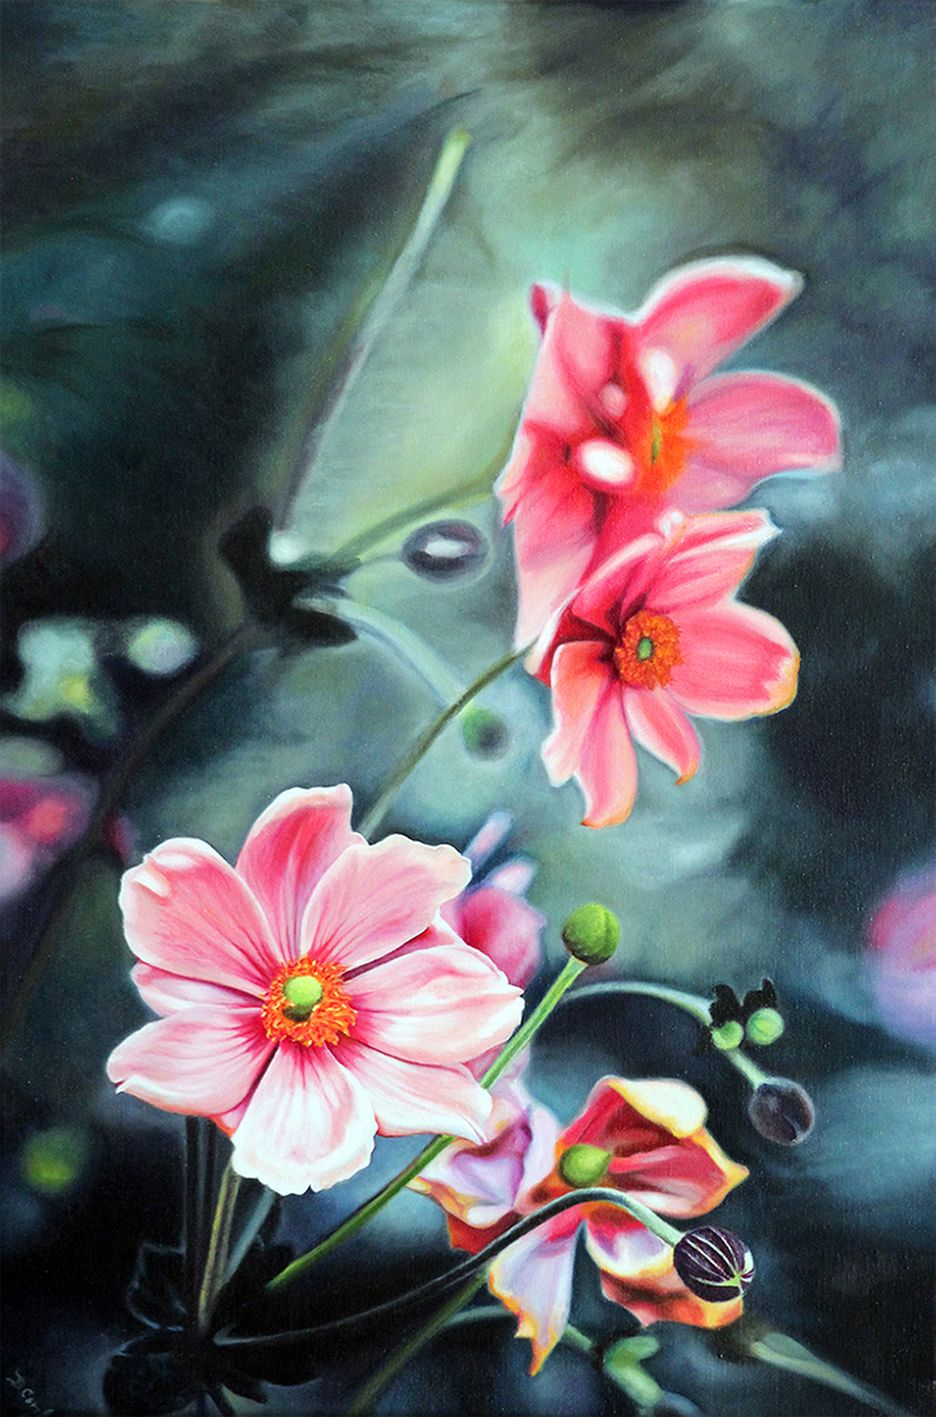 Mª Belén Corchero - Entre flores